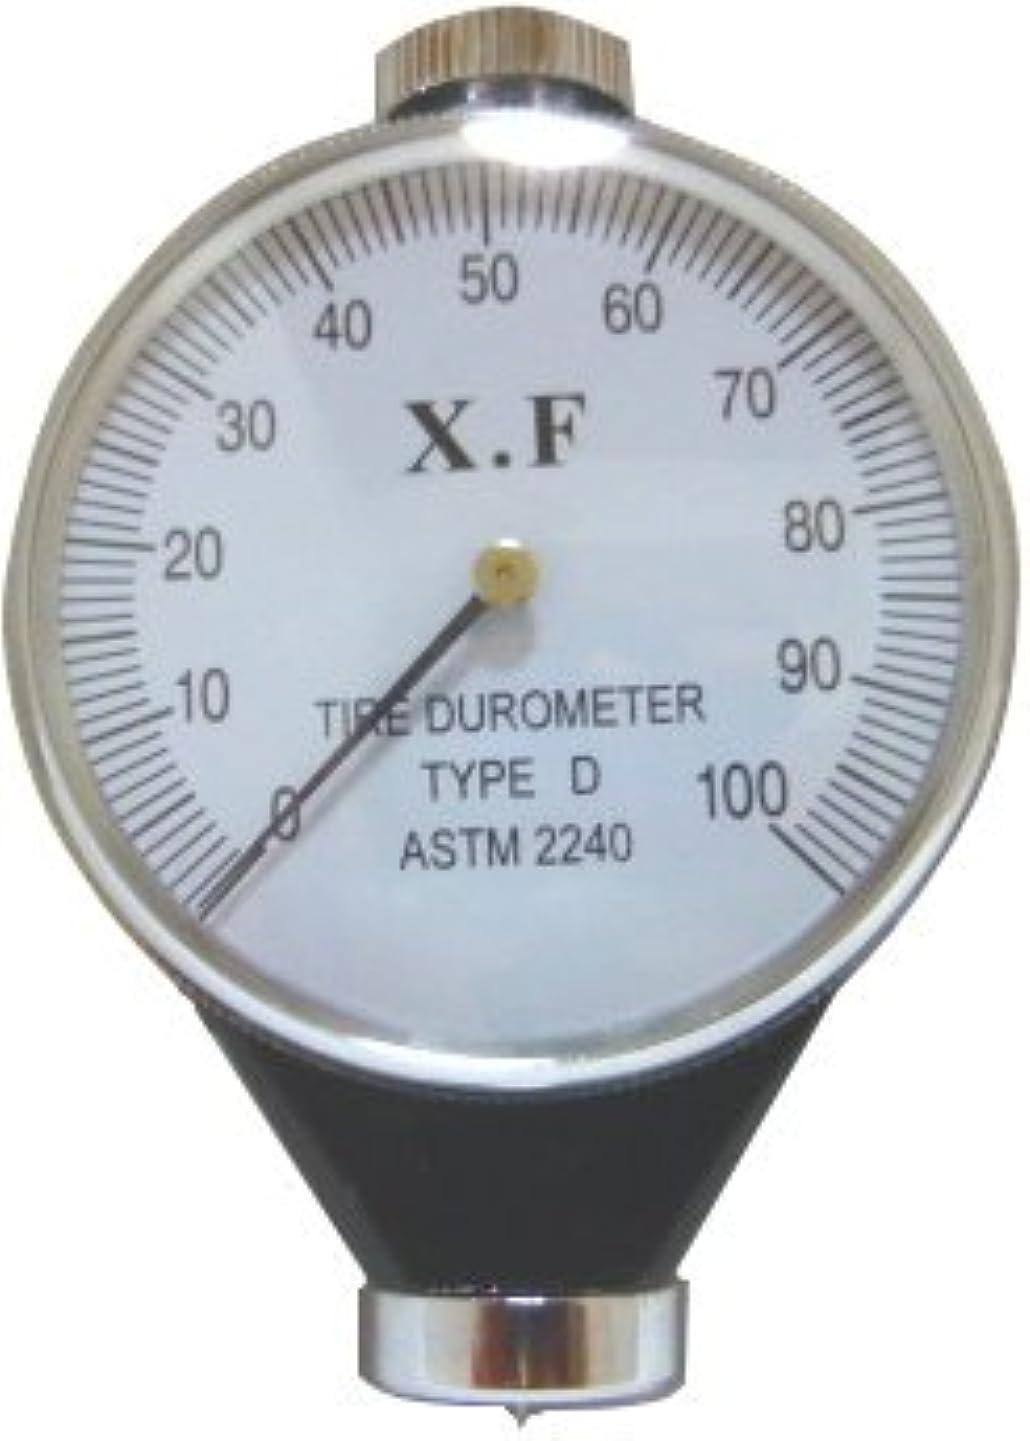 修理工反発するぞっとするようなPPLS アナログ硬度計 D型 X.F